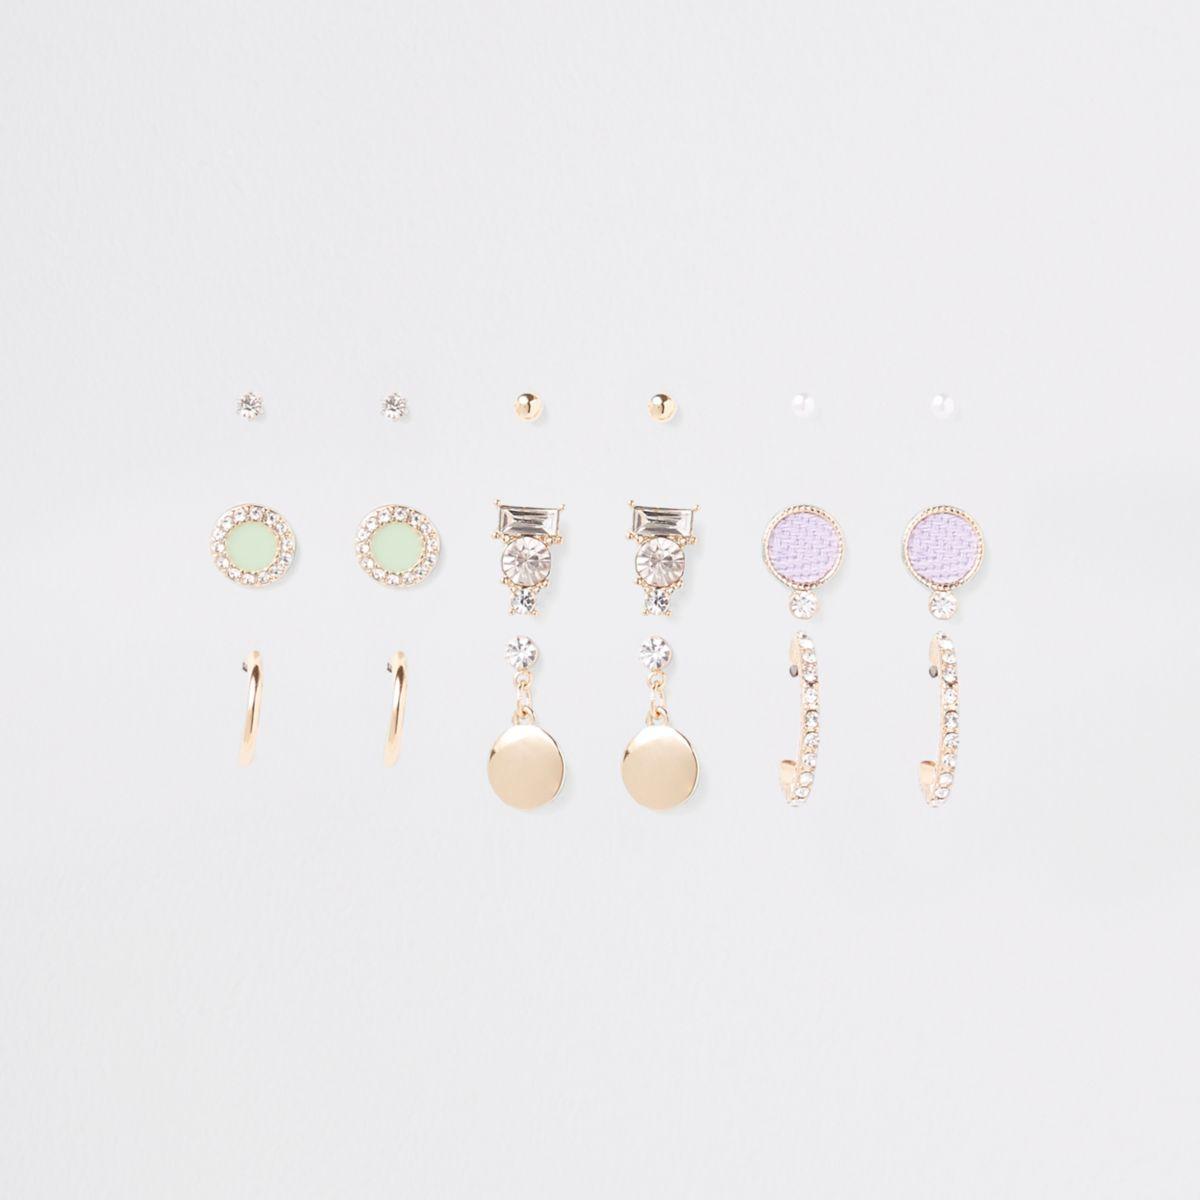 Gold tone rhinestone circle earrings pack